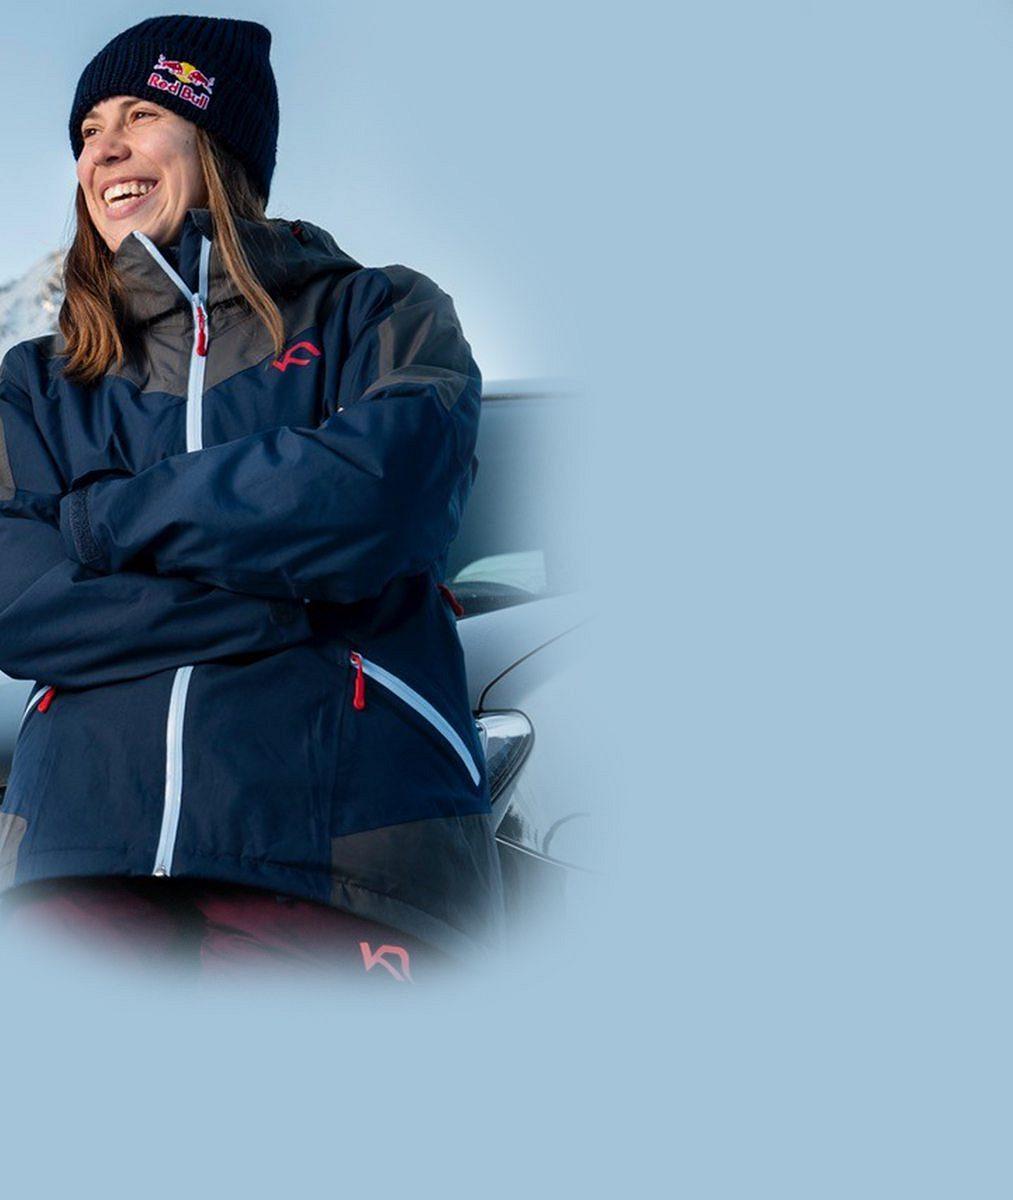 Snowboardistka Samková promluvila ovztahu se sympatickým hercem. Jak zvládají týdny odloučení?